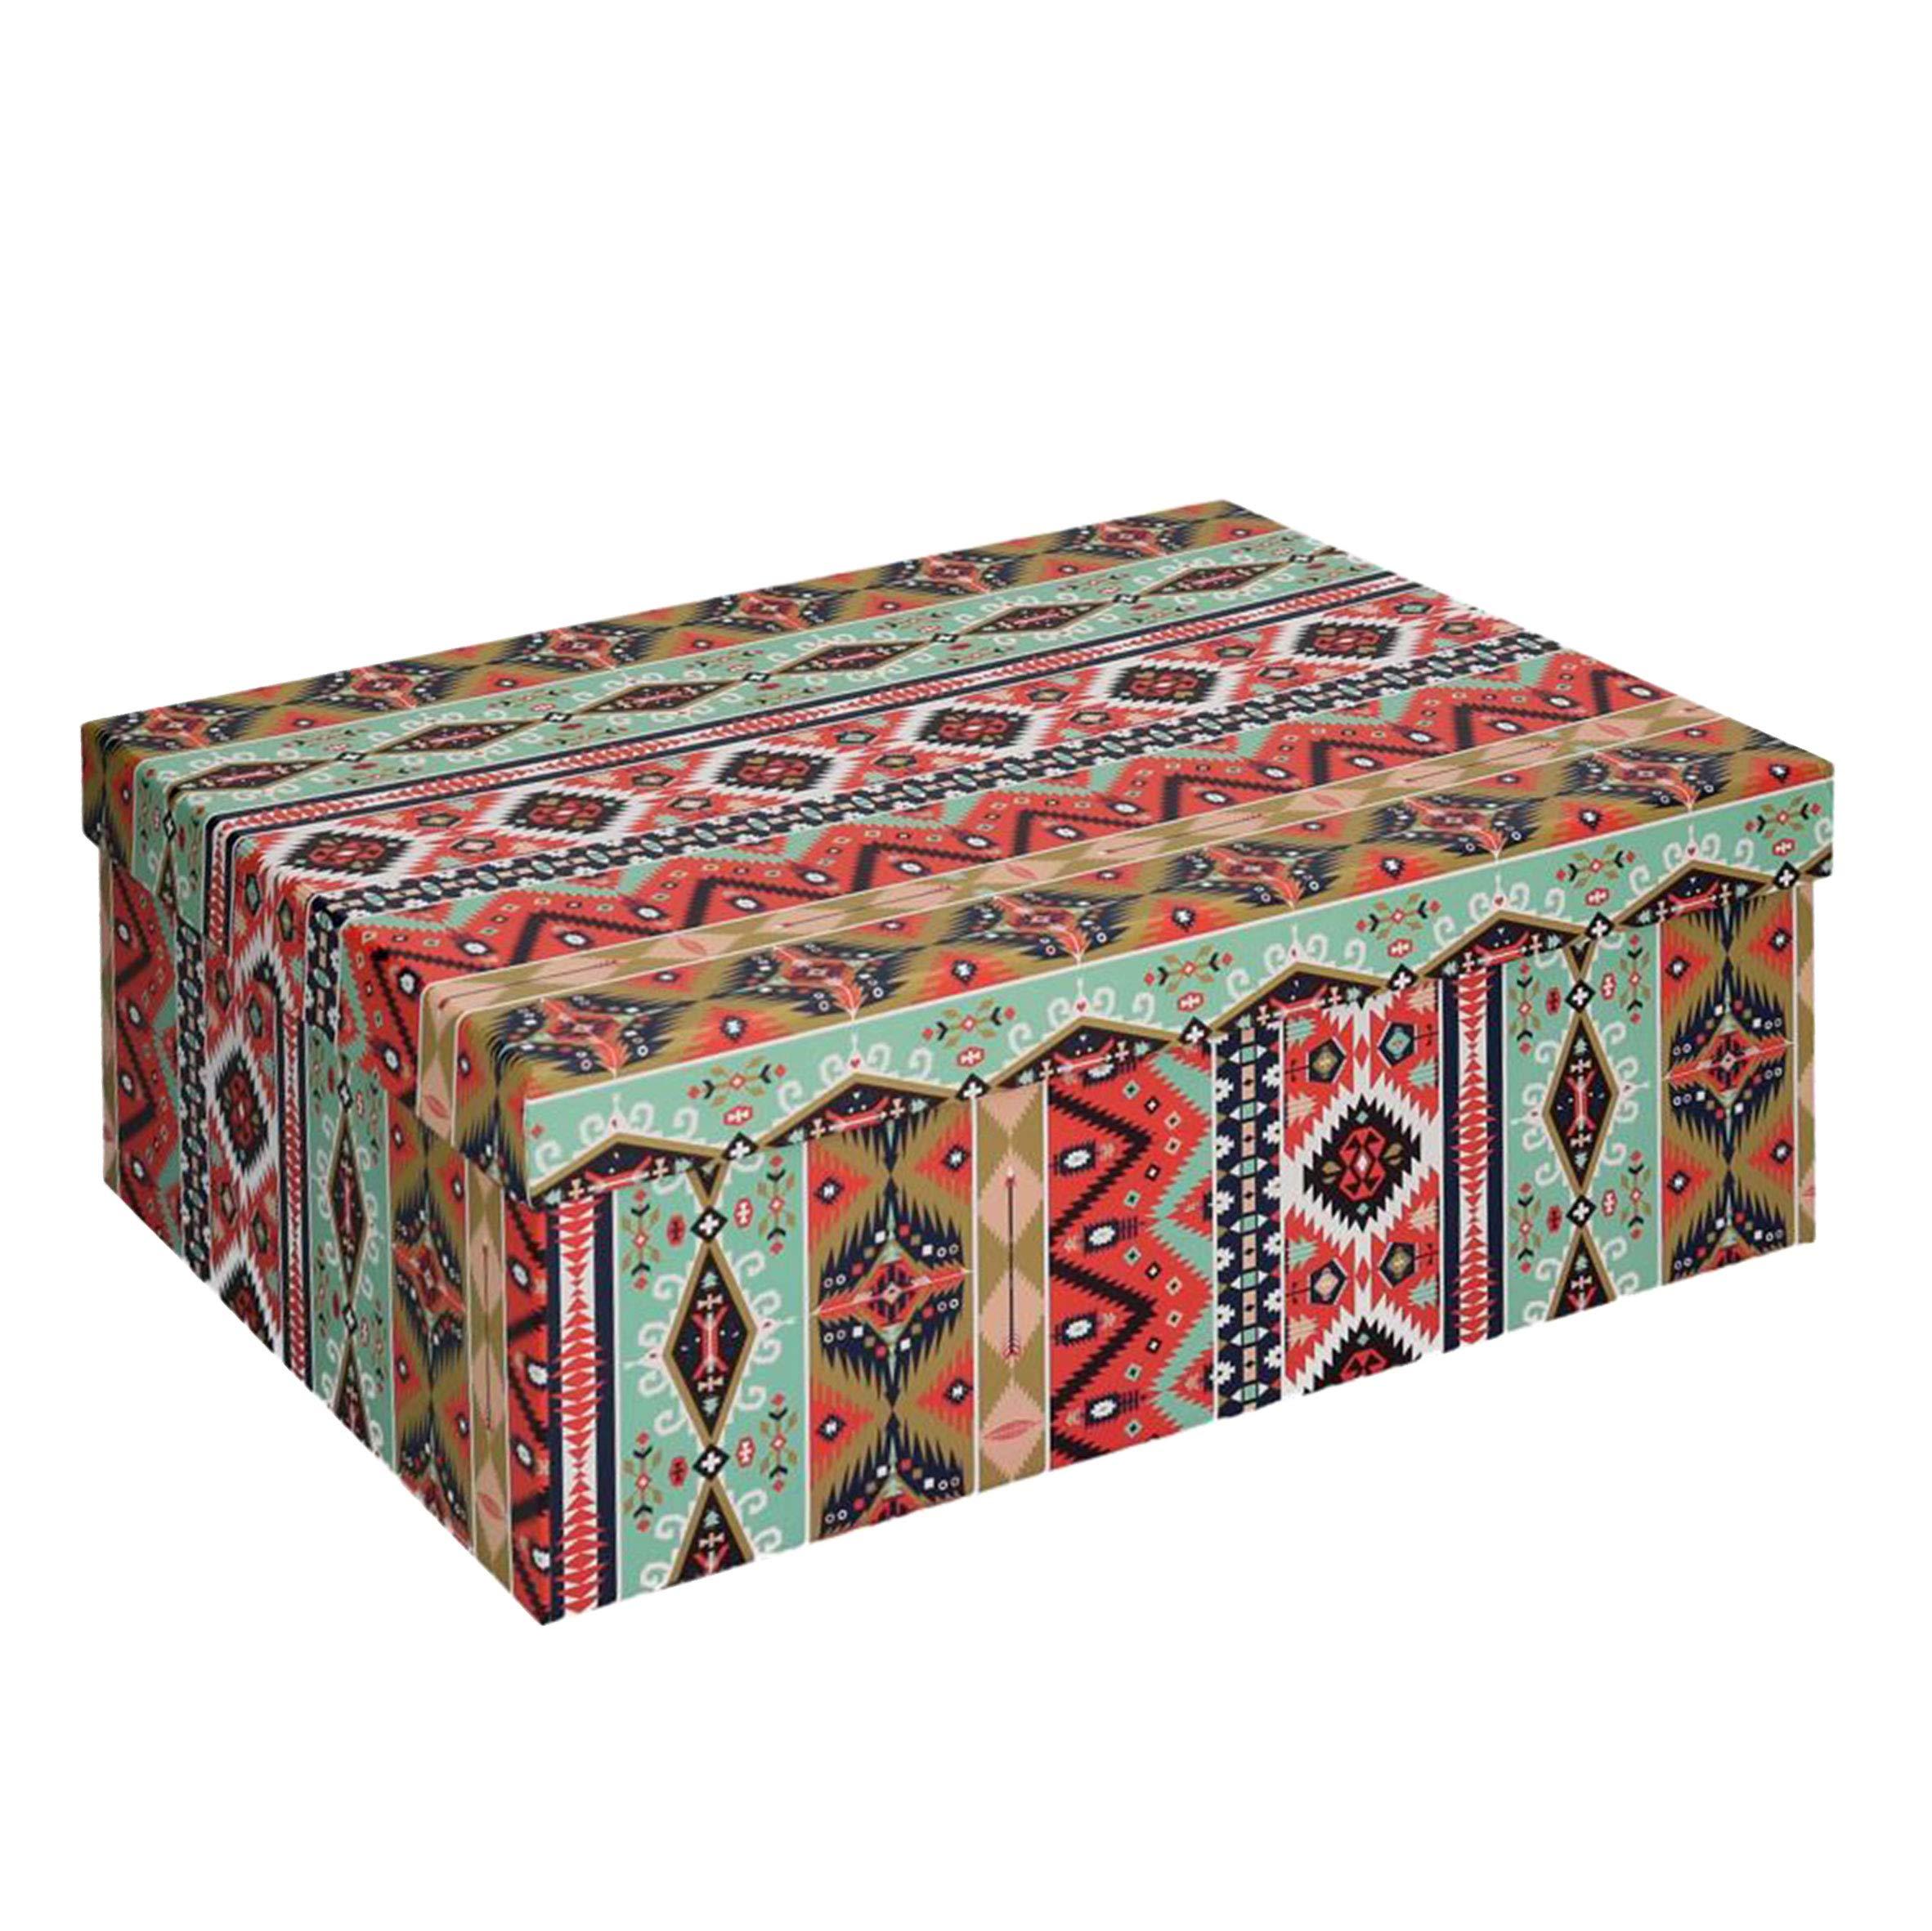 Vacchetti S.p.A - Caja de cartón Decorada étnica de 33 x 25 x 12 cm: Vacchetti S.p.A: Amazon.es: Hogar